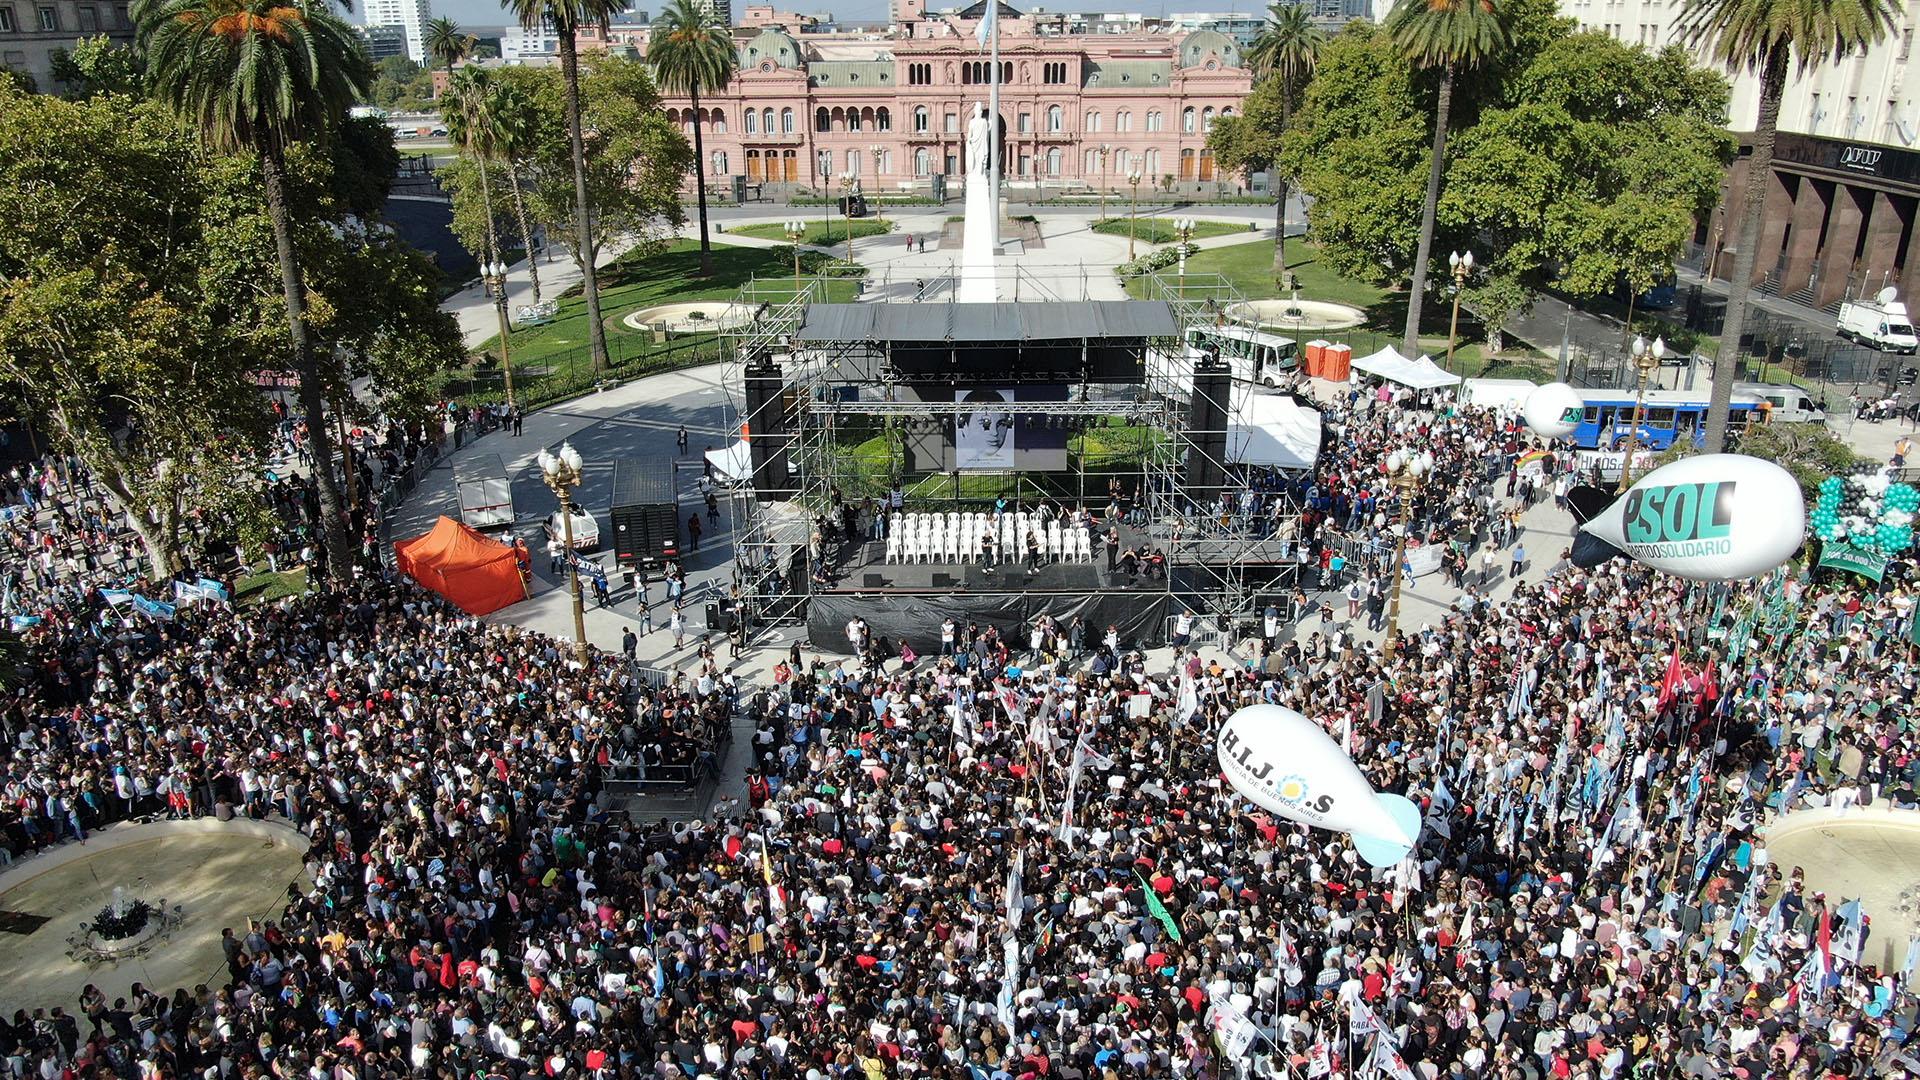 El escenario estuvo montado sobre el obelisco de la Plaza de Mayo